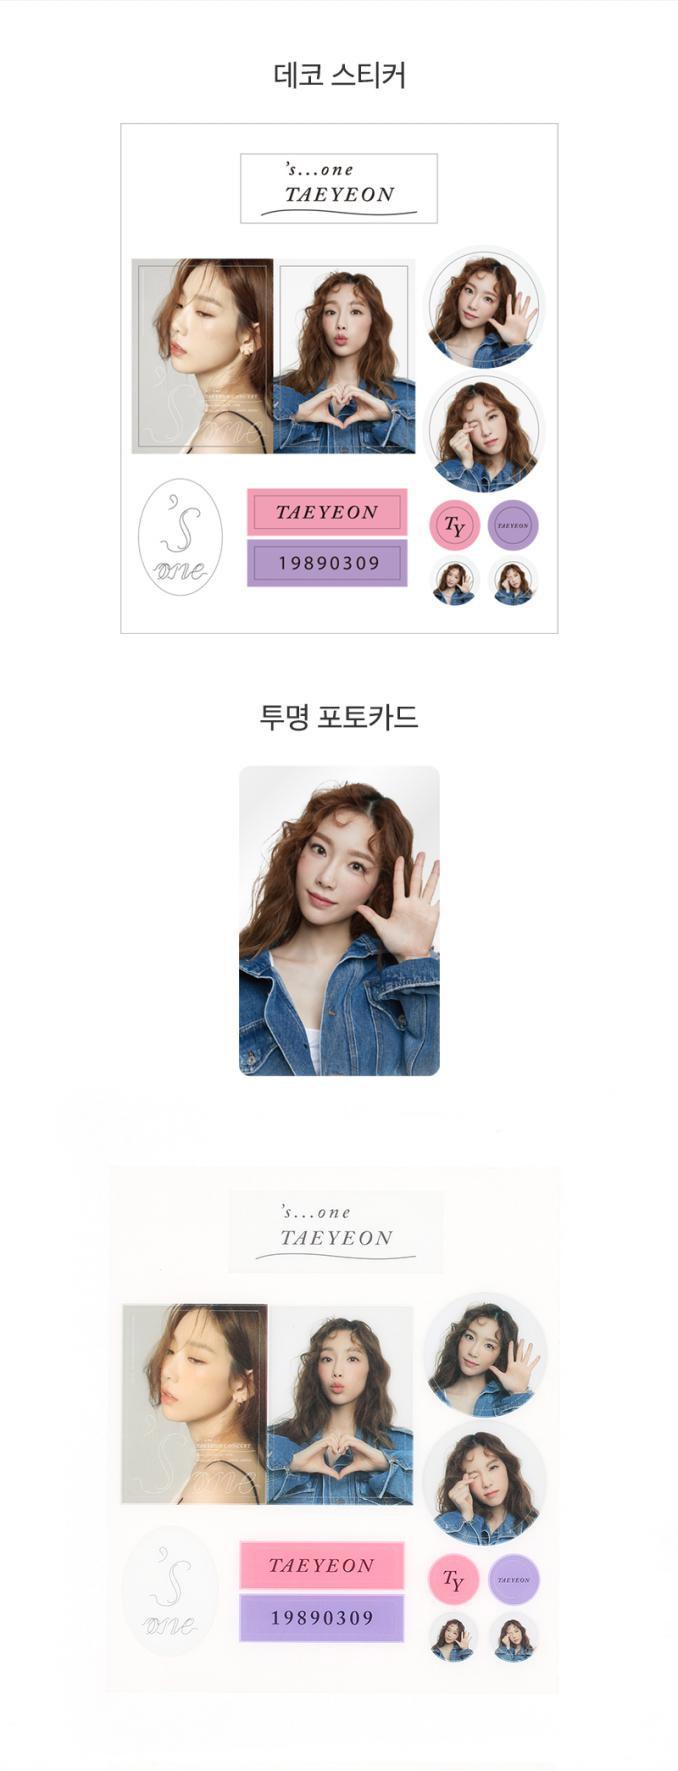 taeyeon_s...one_sticker-2